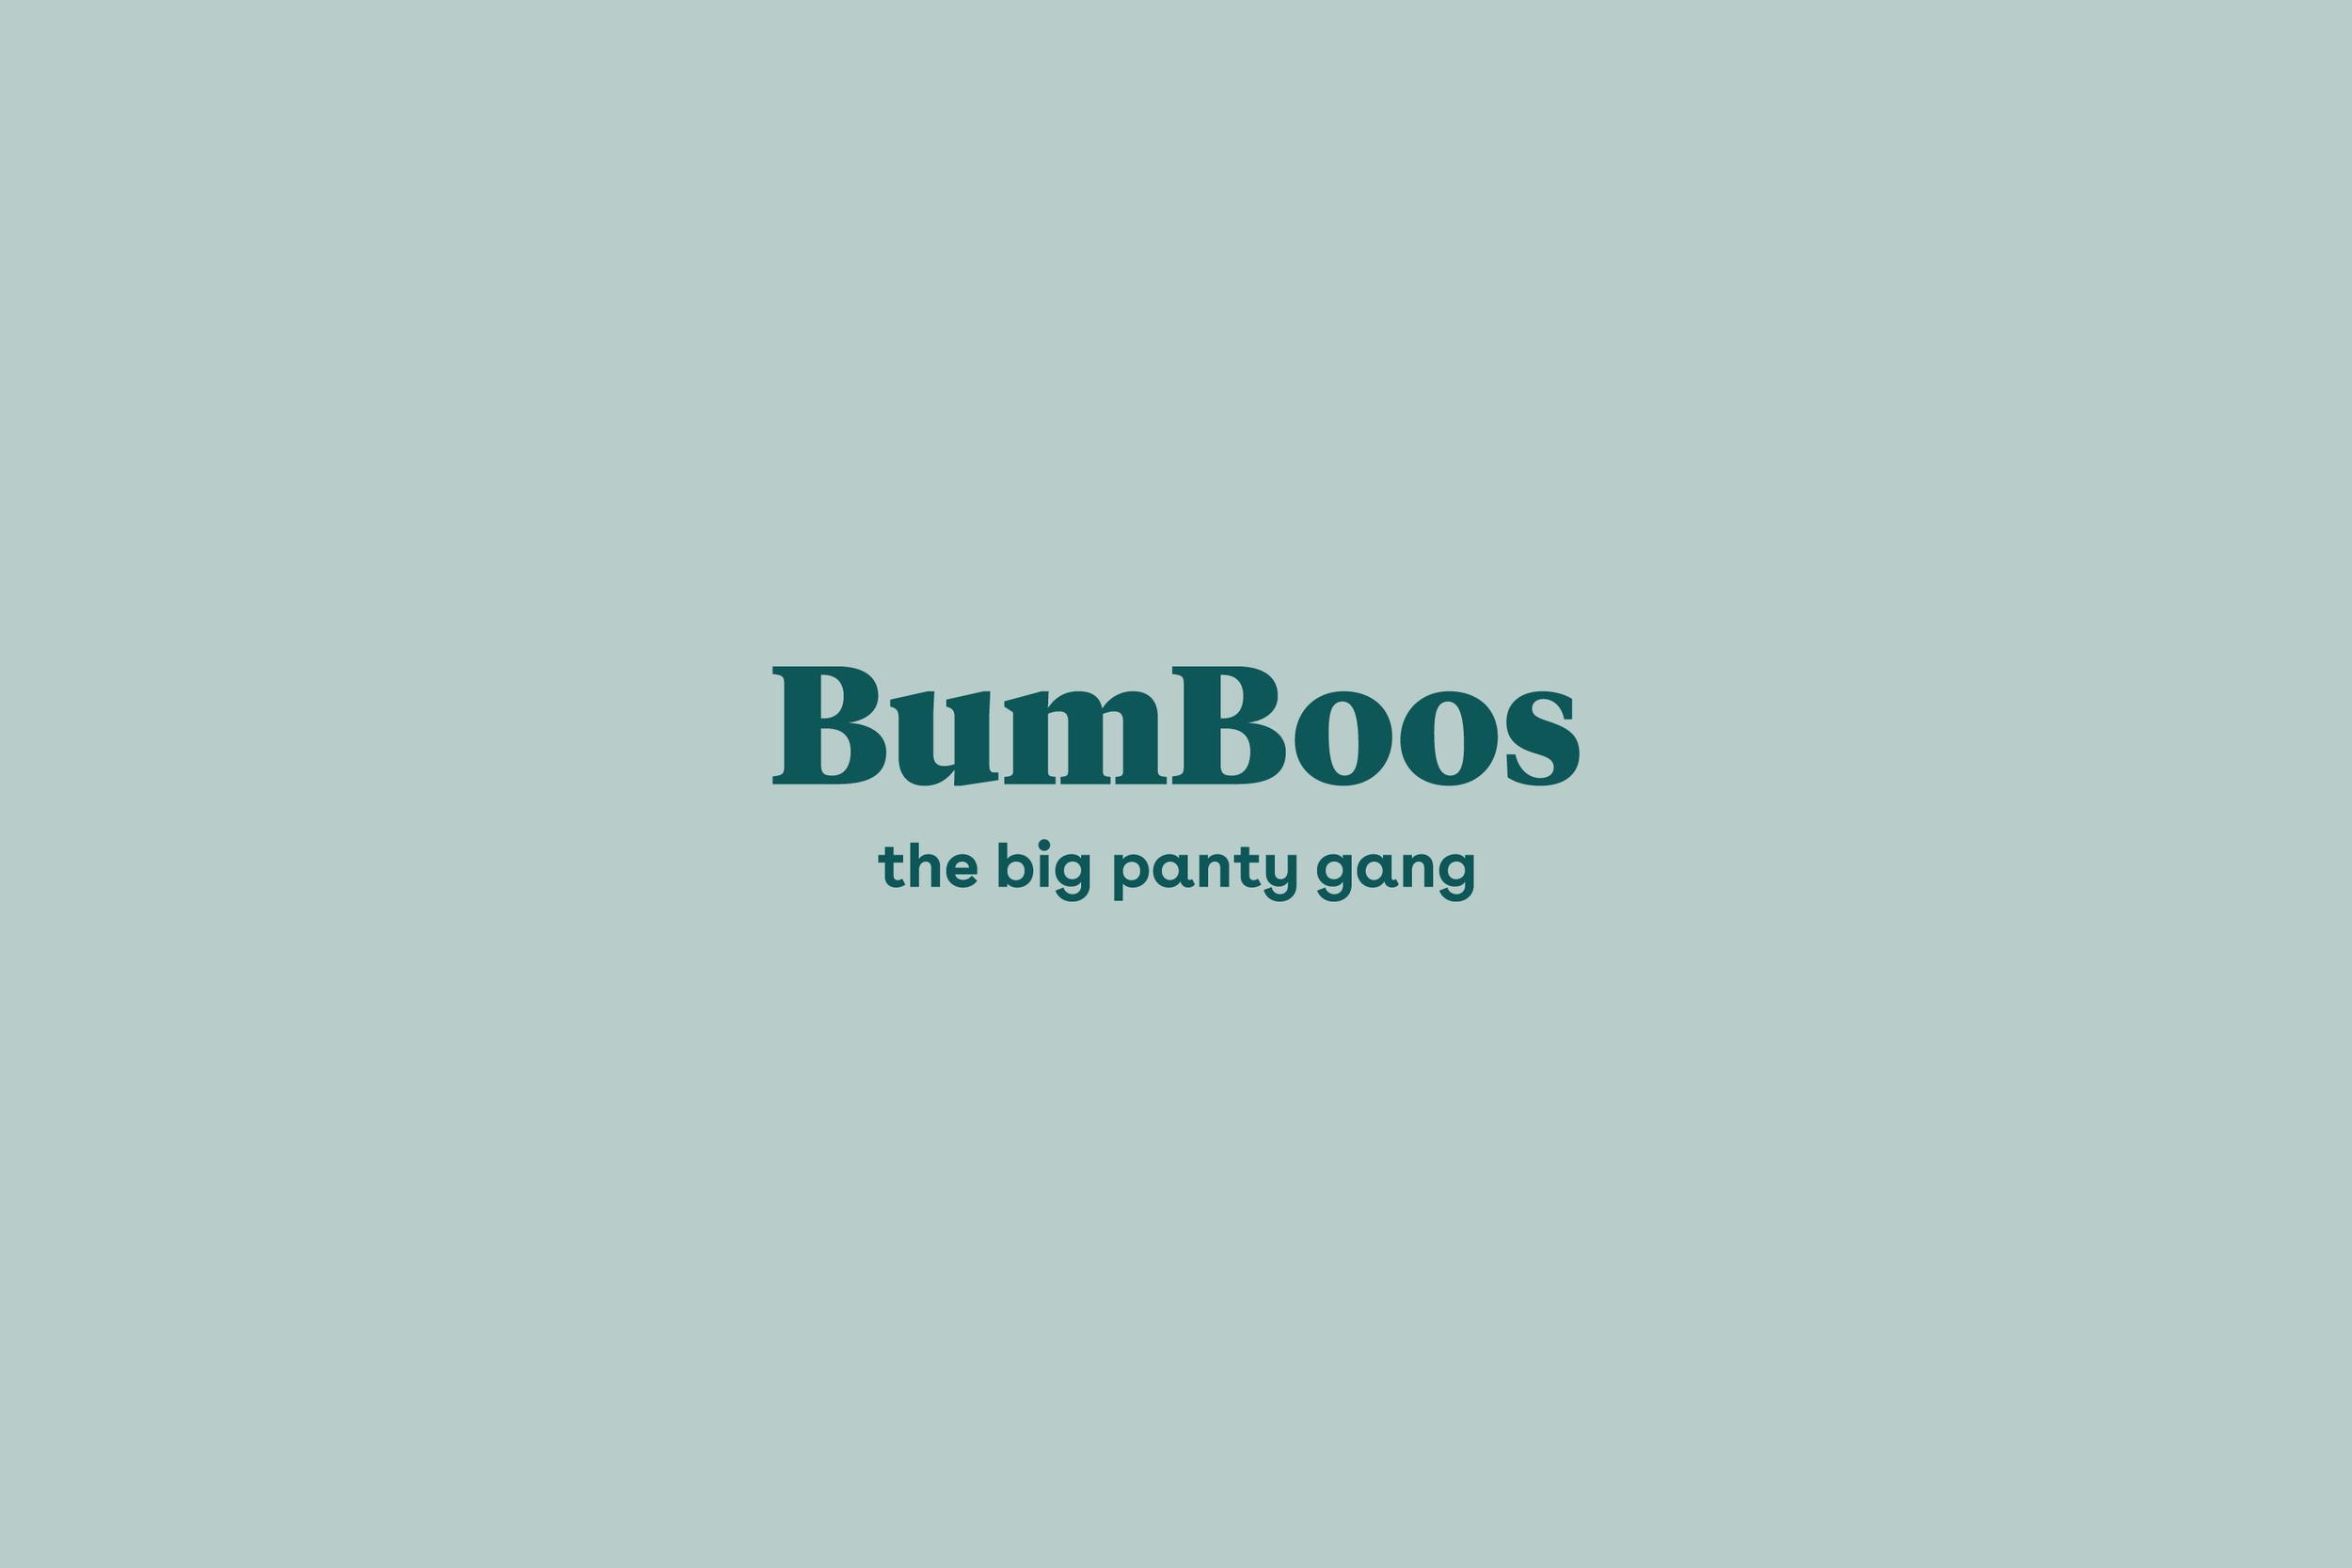 bumboos_2.png